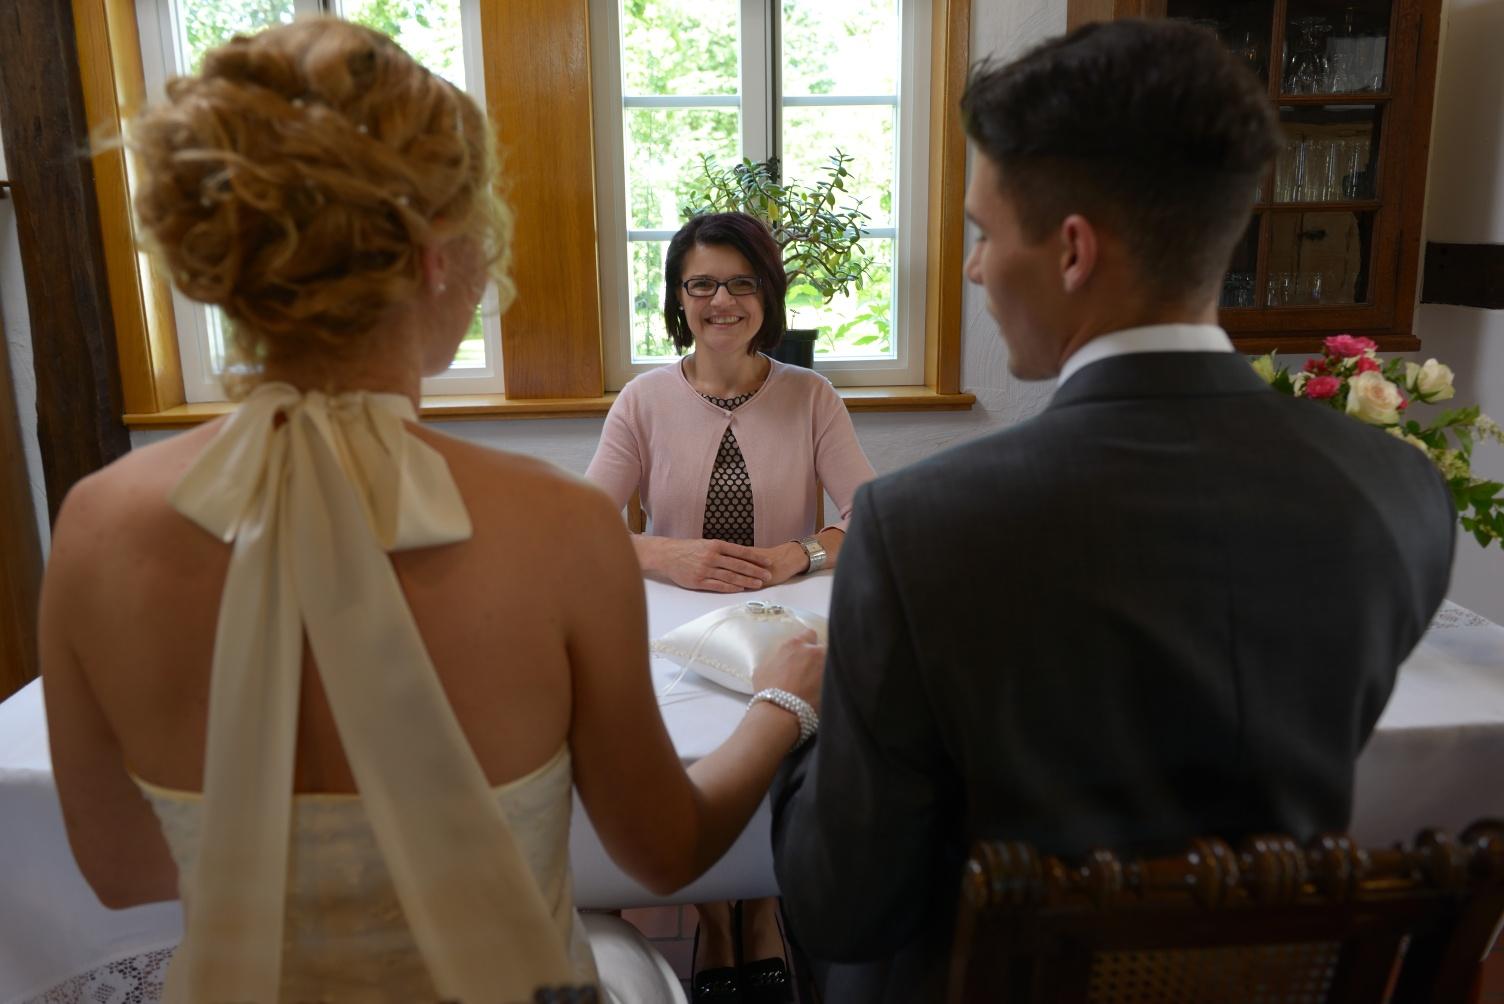 Eheschließung im Bockhorster Kotten